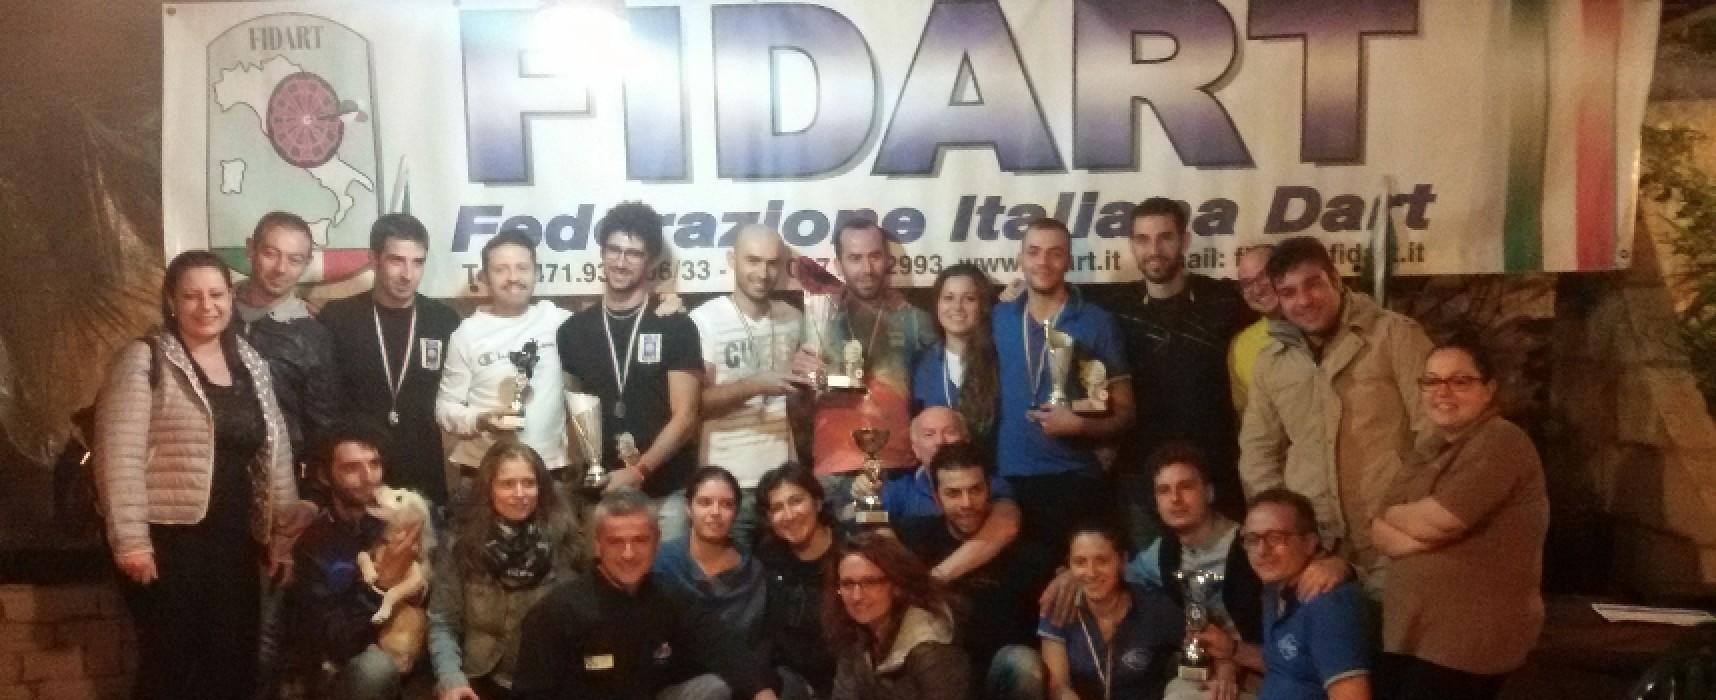 Prima finale del campionato di freccette disputata a Bisceglie